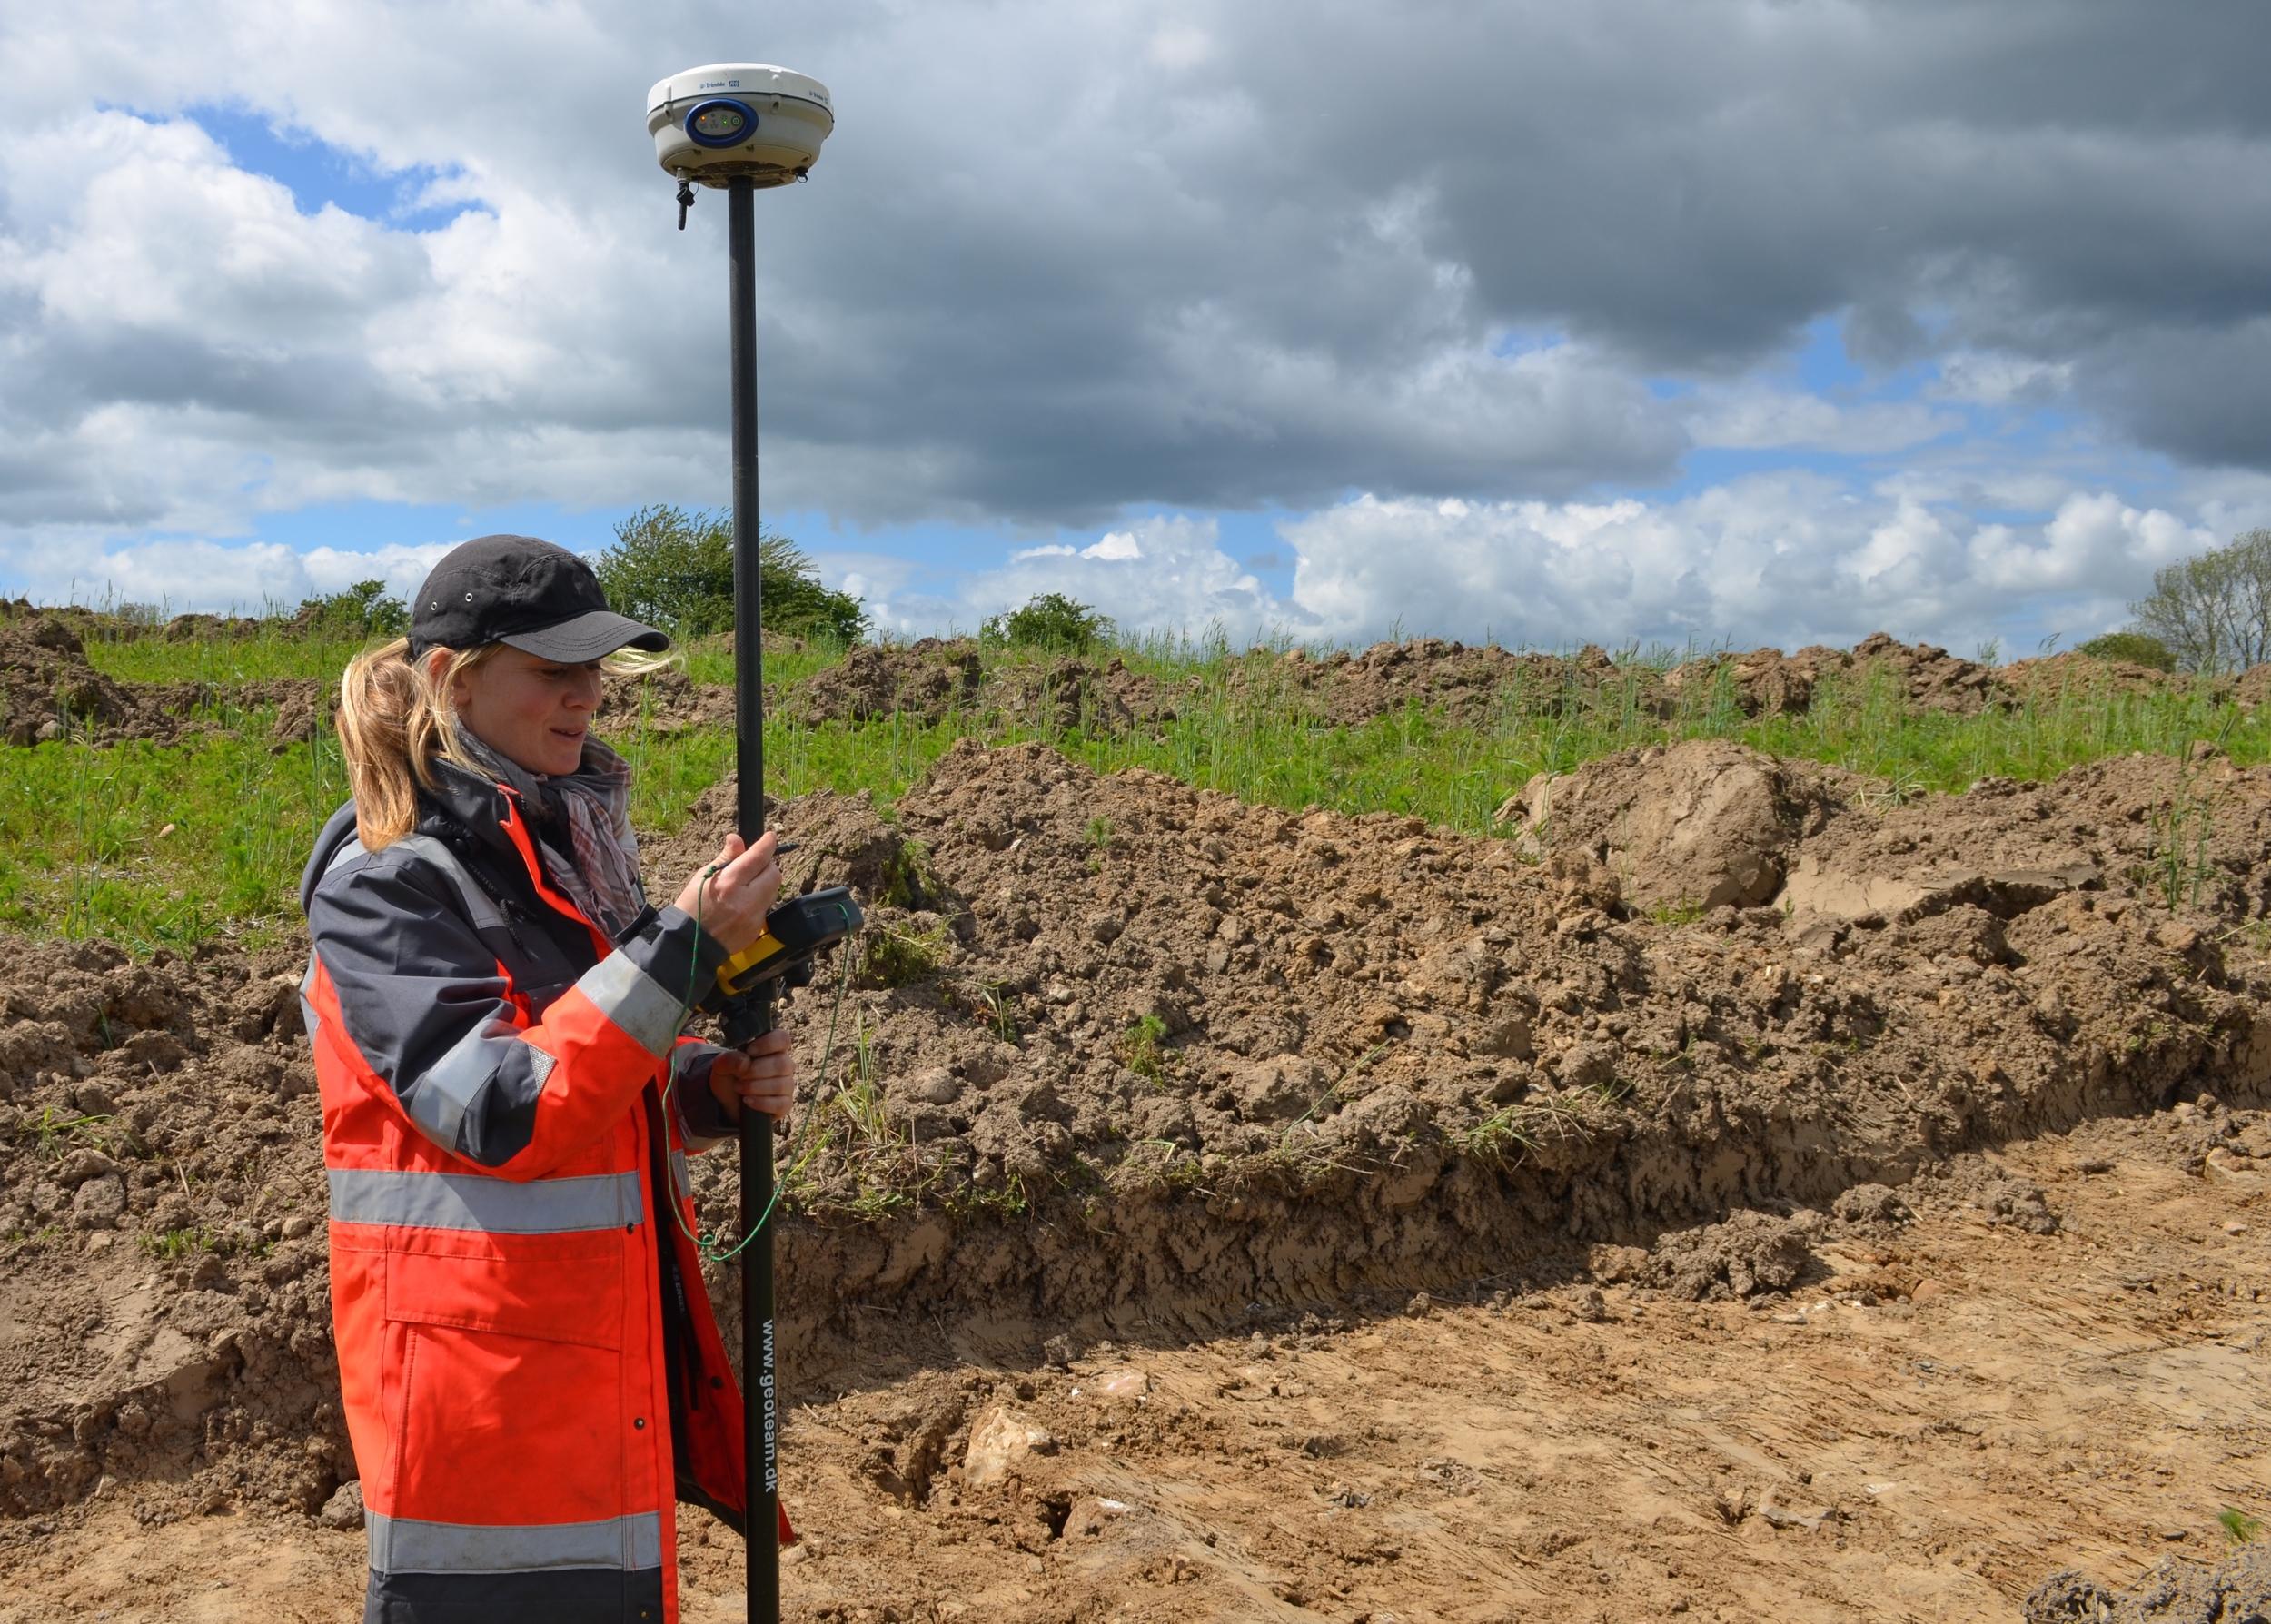 """Arkæolog Louise Lund Johansen: """"Det er overraskende lidt vi har fundet af oldtidslevn. Vi havde forventet, at på de høje bakker ville der være en hel del rester fra fortiden."""" Foto: AOB"""